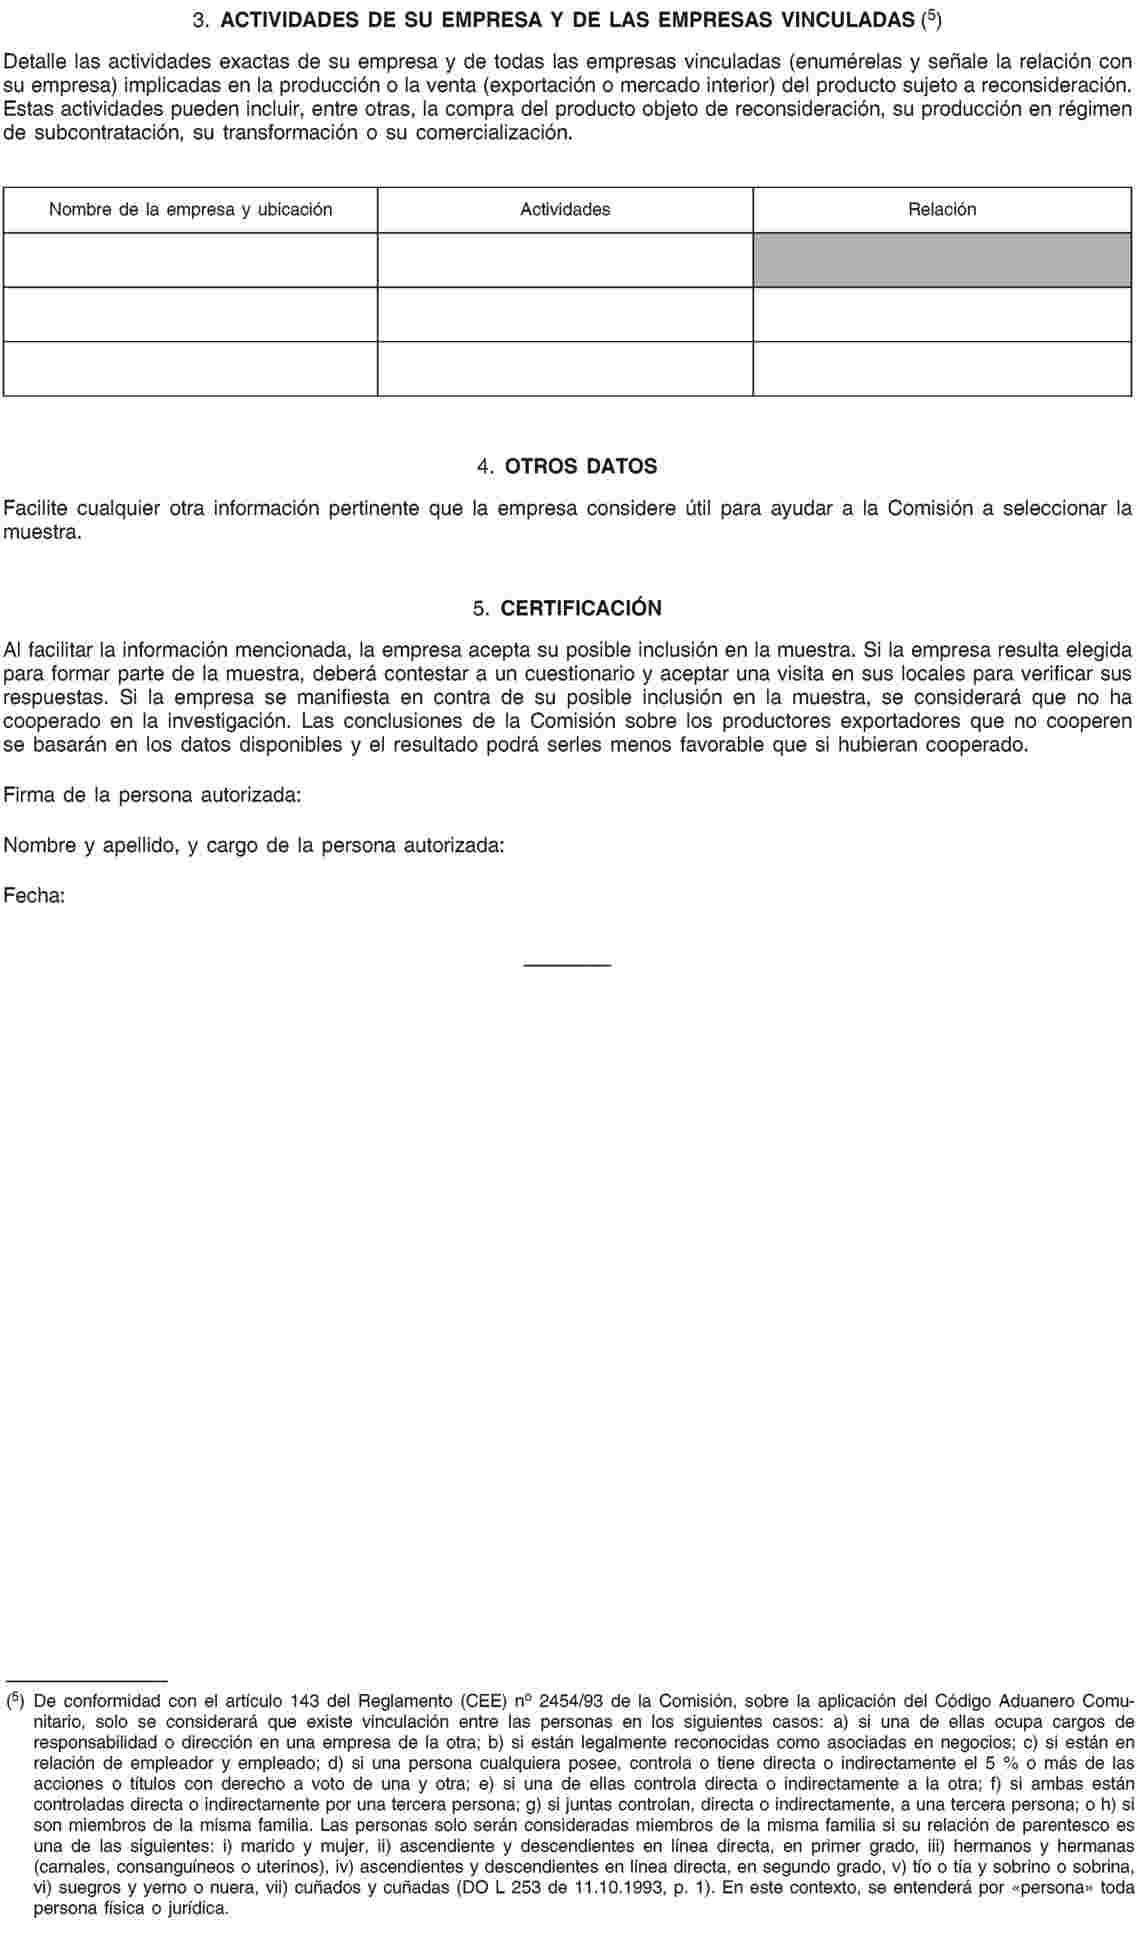 EUR-Lex - 52013XC0712(06) - EN - EUR-Lex